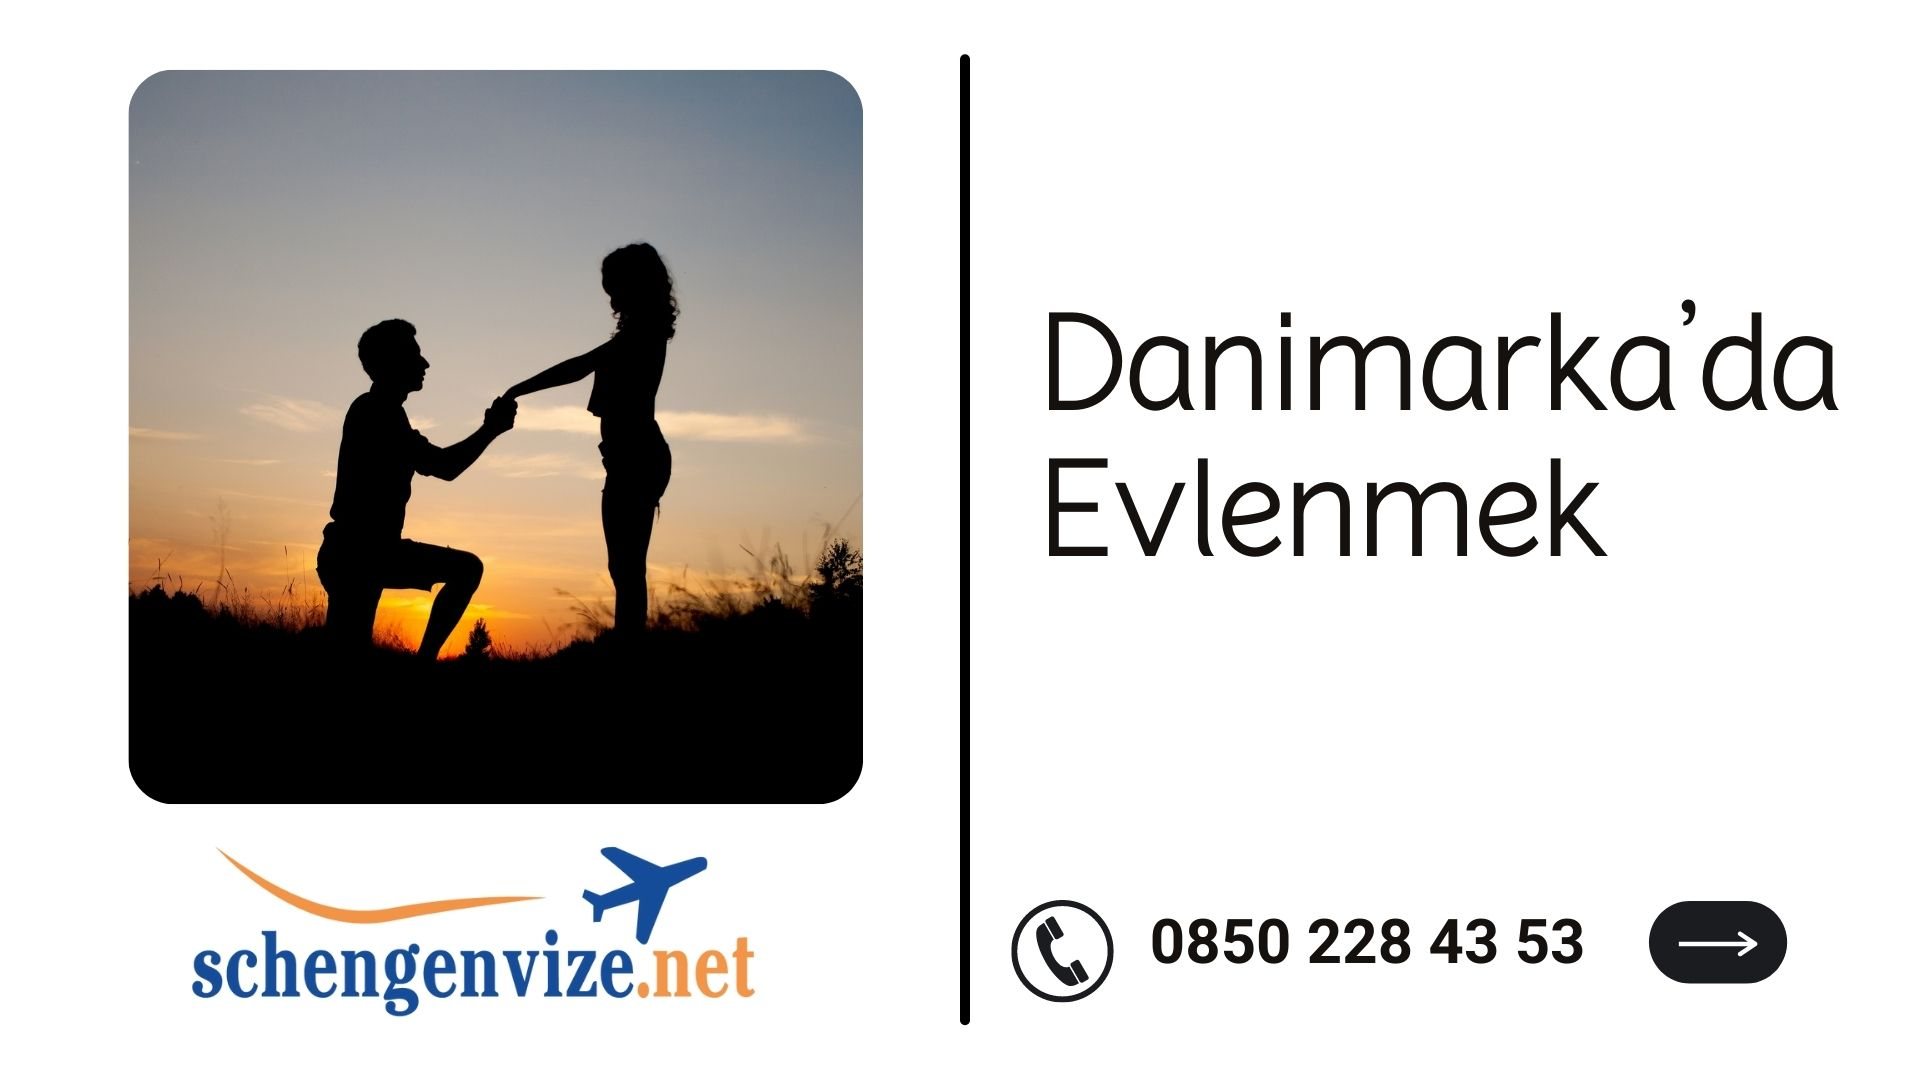 Danimarka'da Evlenmek